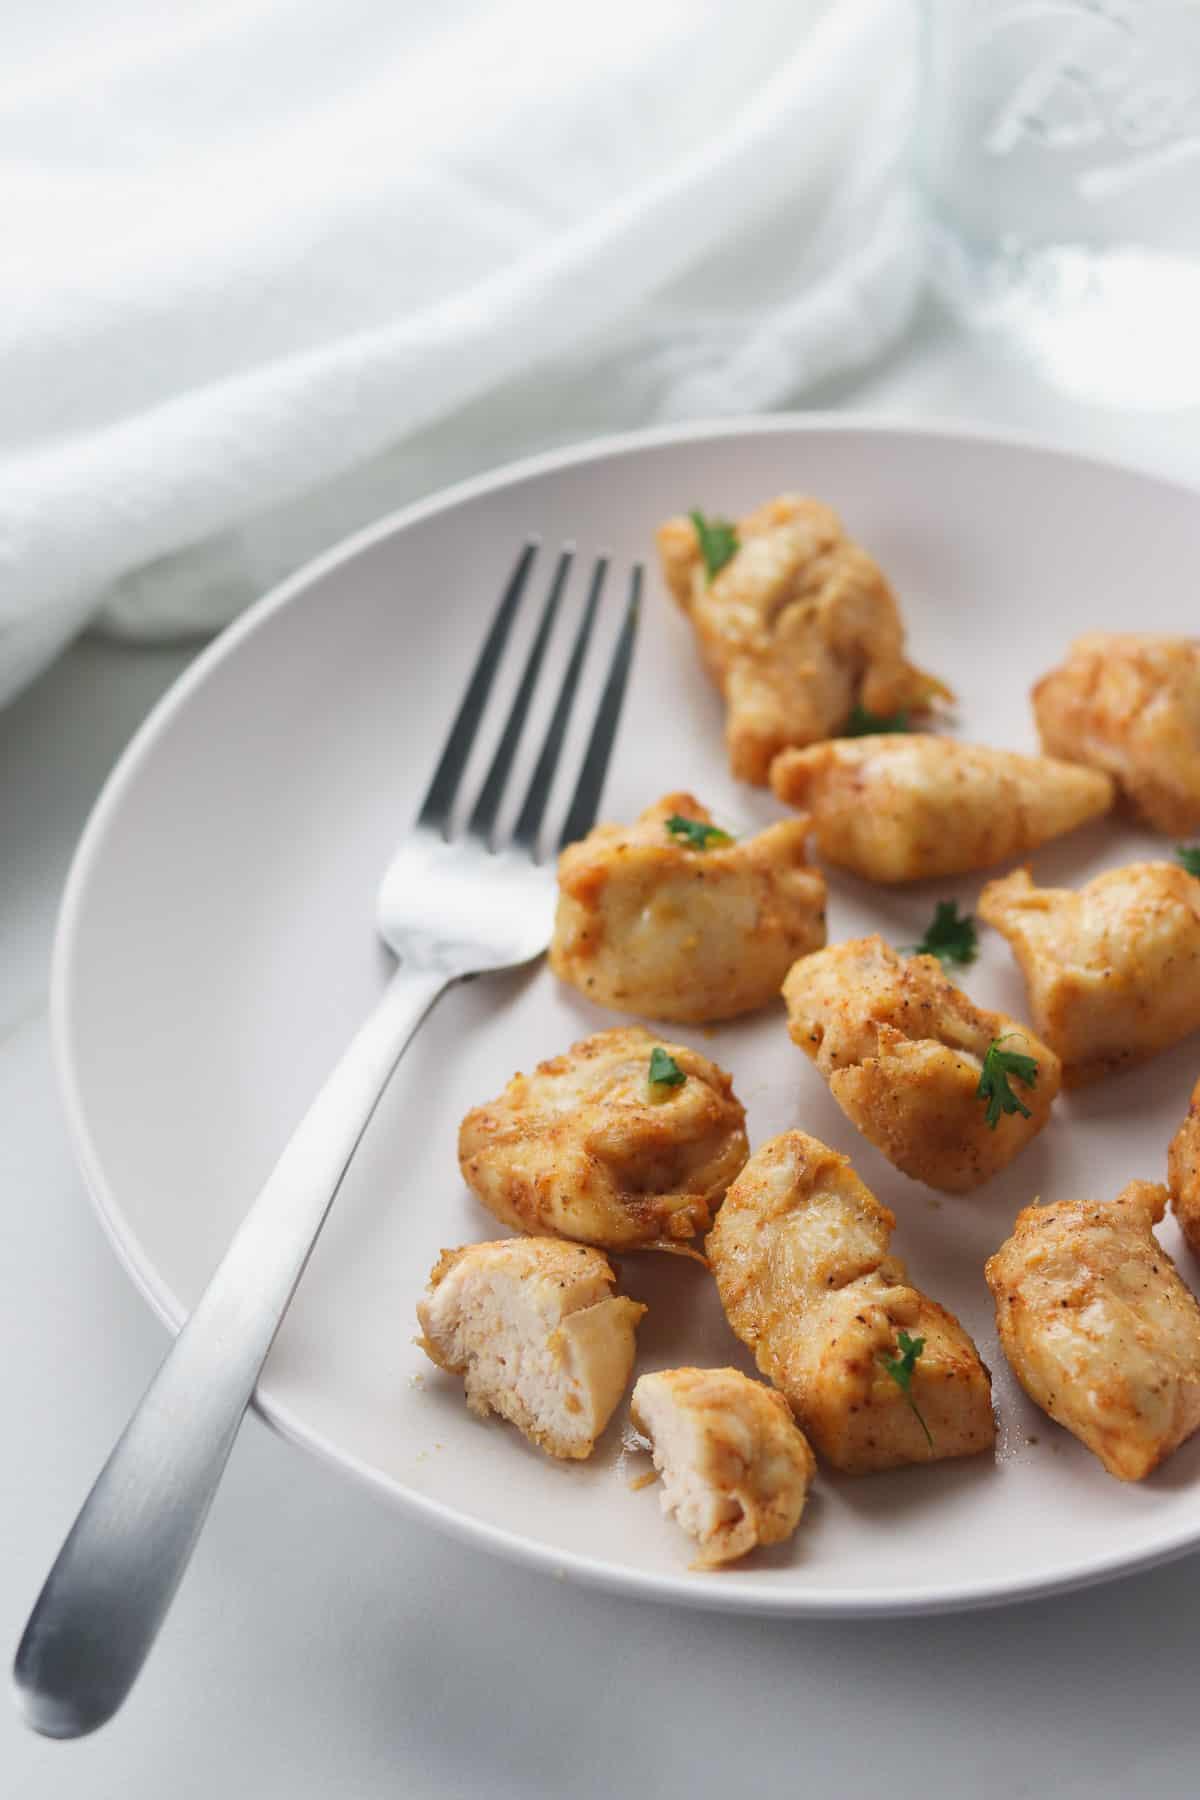 plate of air fryer rotisserie chicken bites